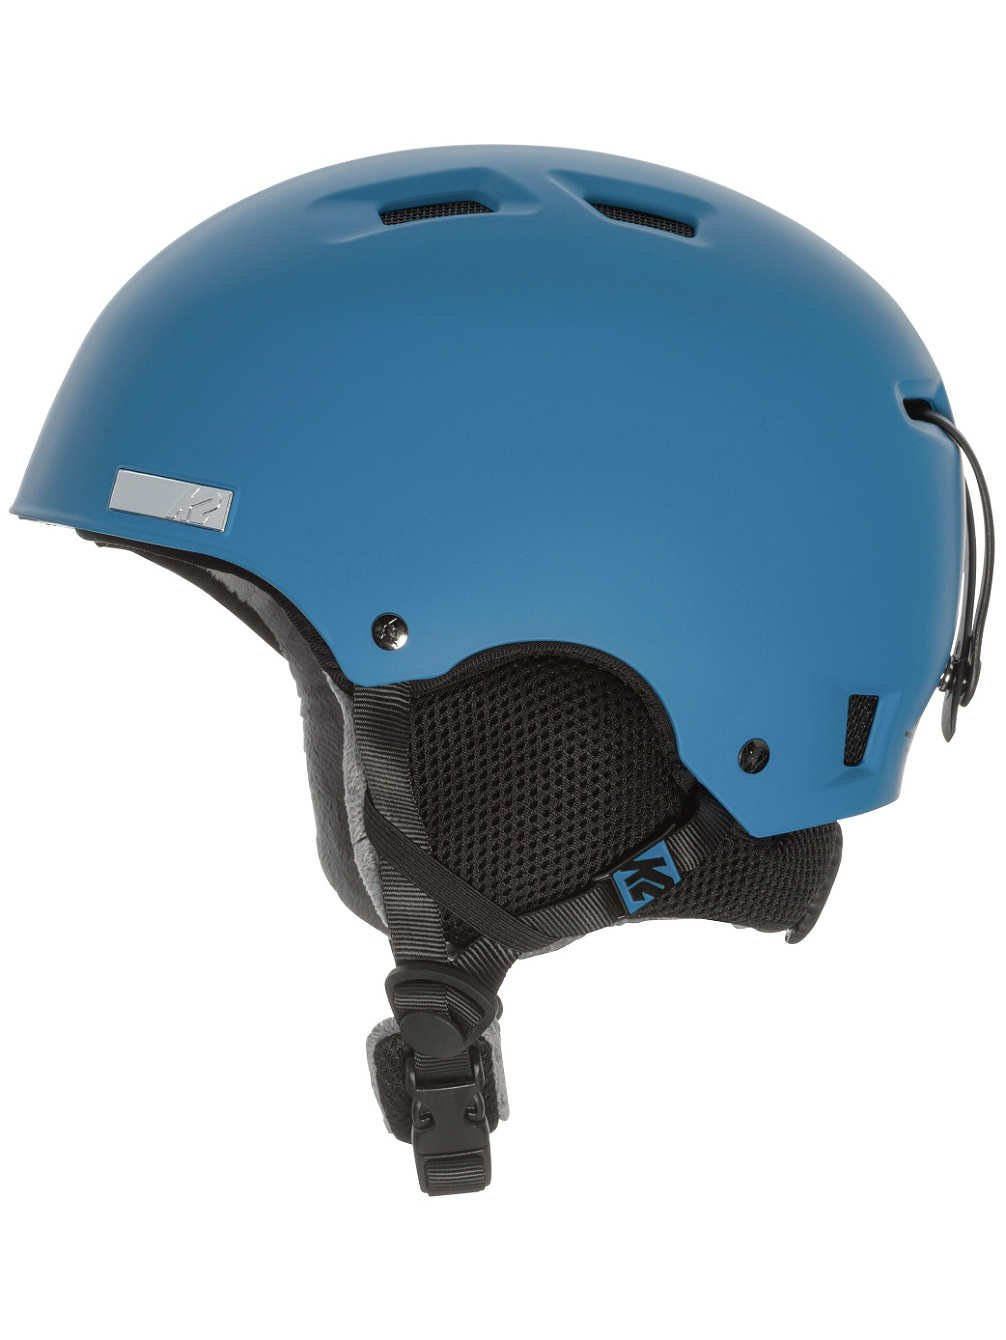 K2 Skis Damen/Herren Skihelm Verdict, blau, S (51-55cm), 1054005.1.6.S Helm